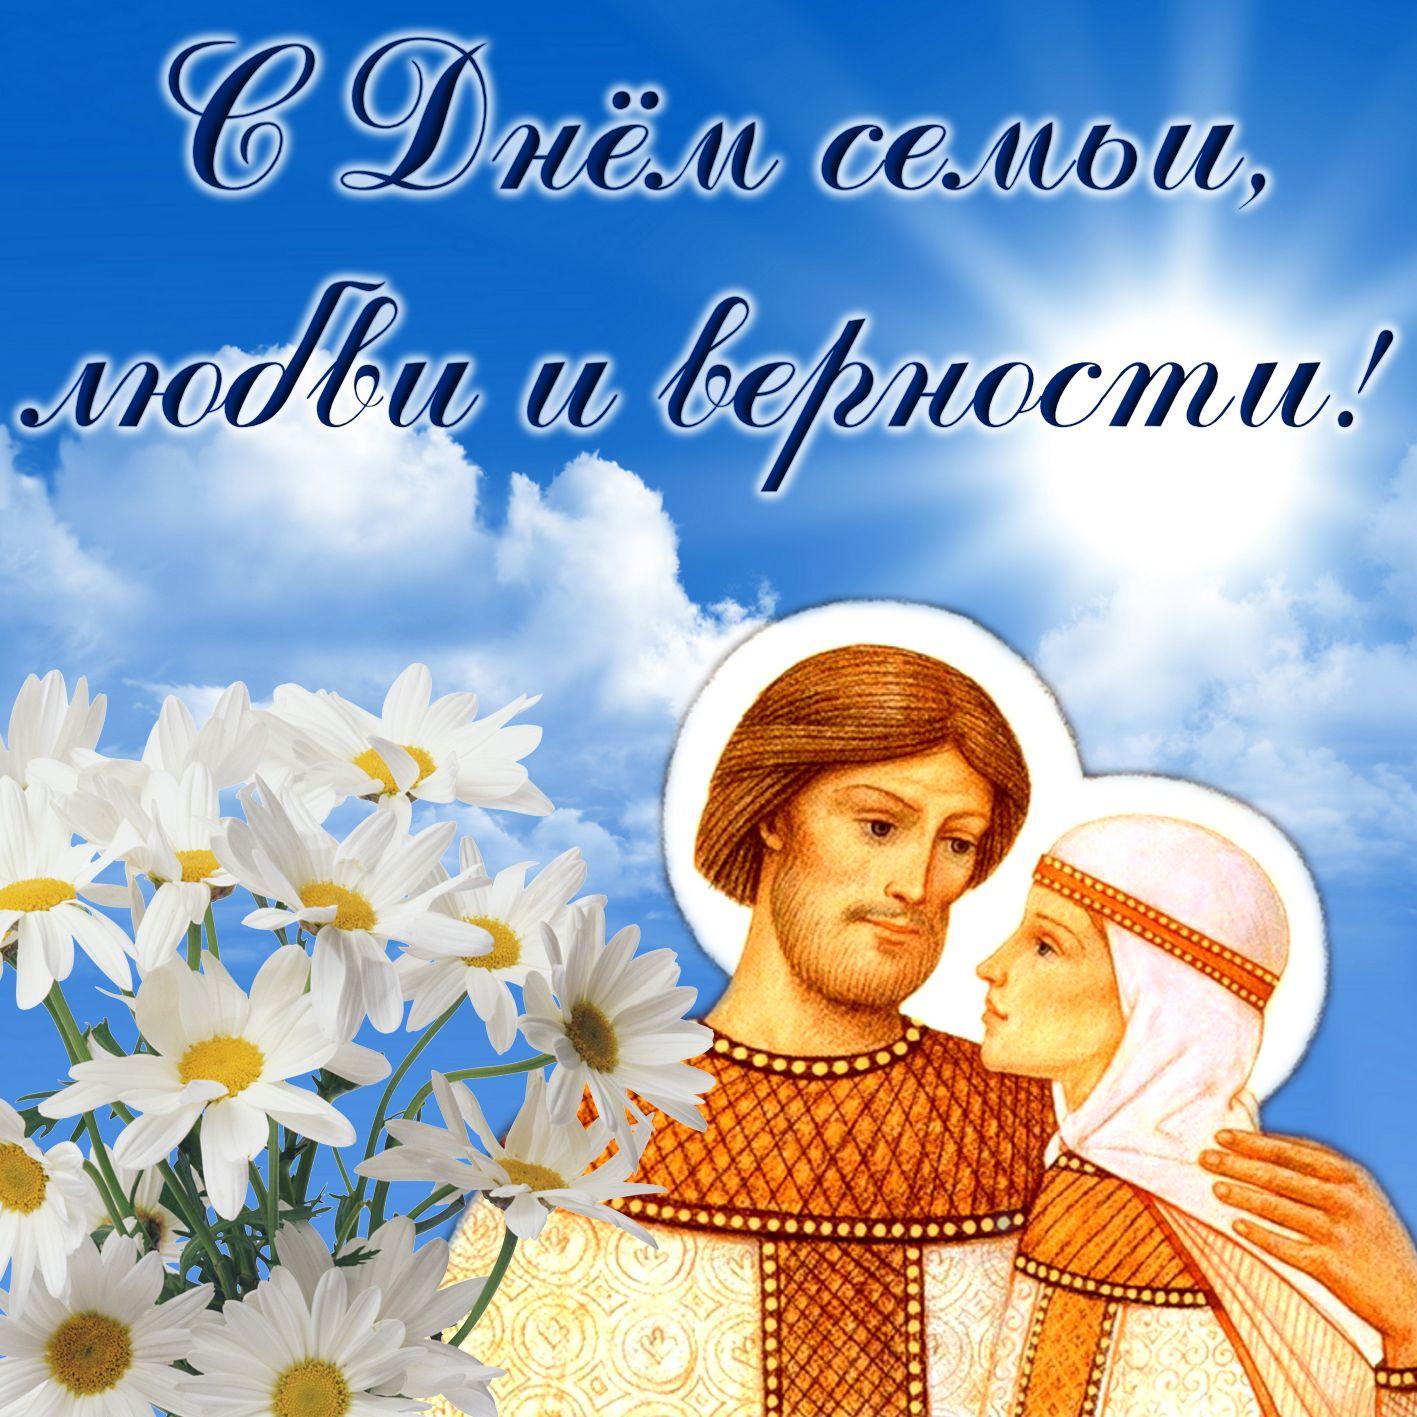 Сделать открытке, открытка своими на день семьи любви и верности